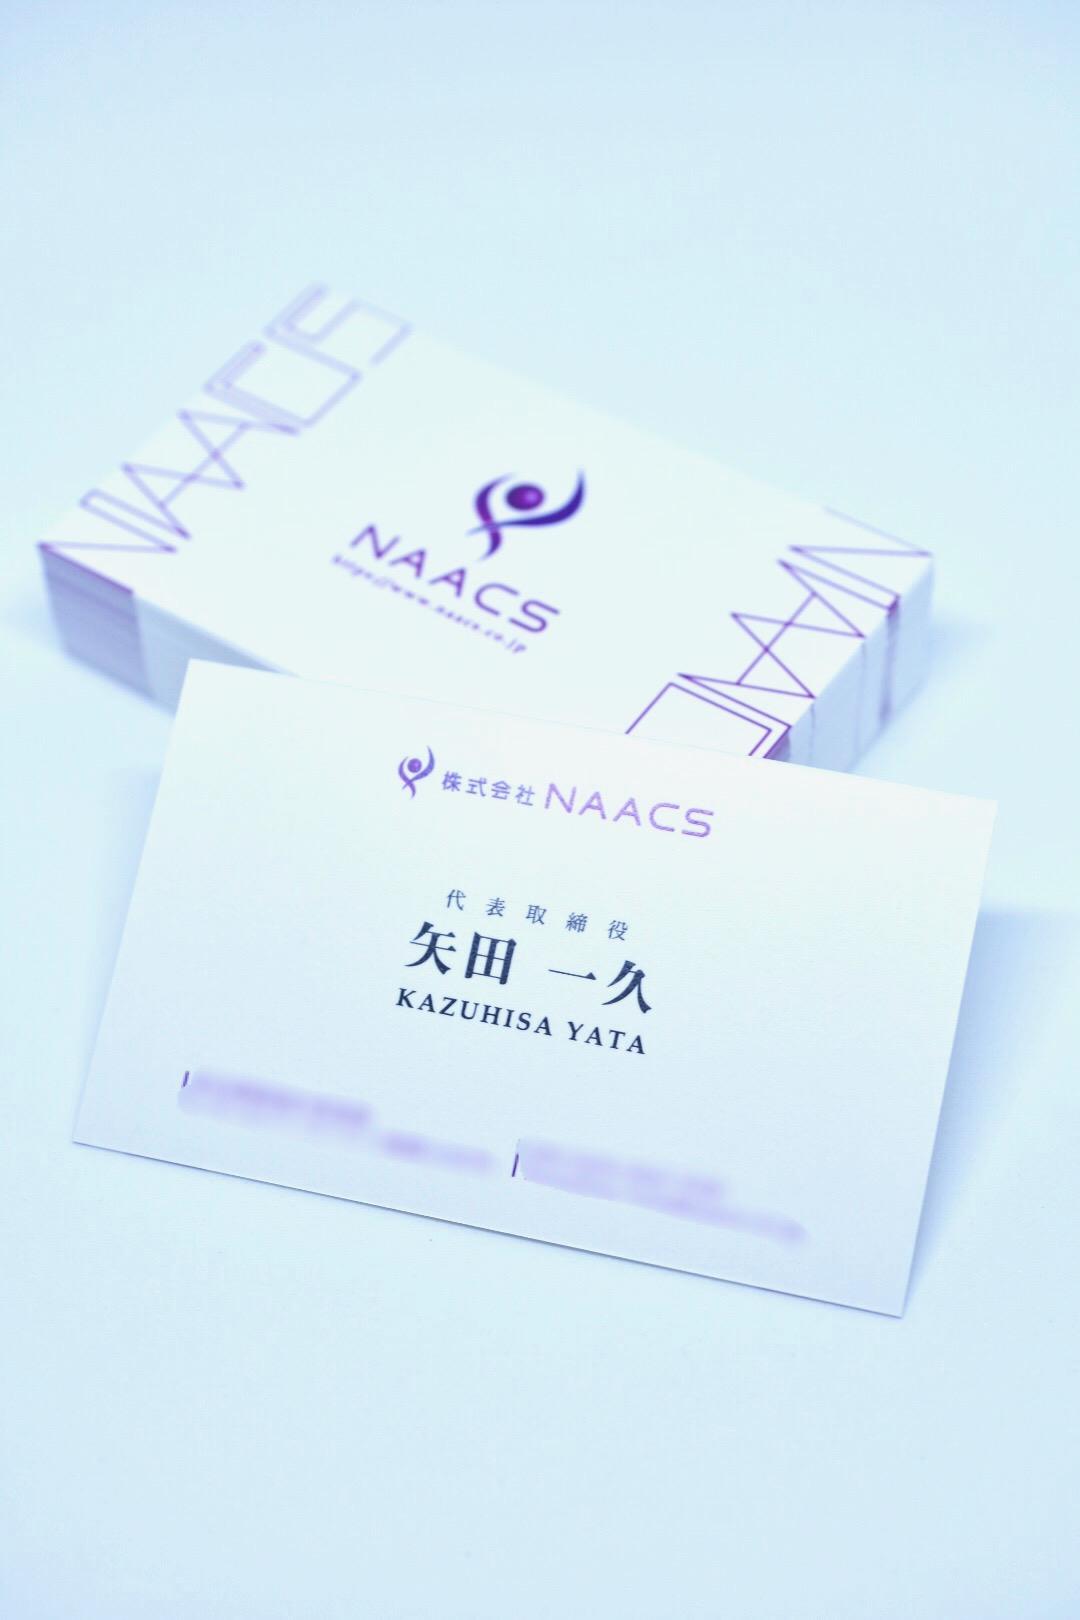 株式会社NAACS様名刺デザイン